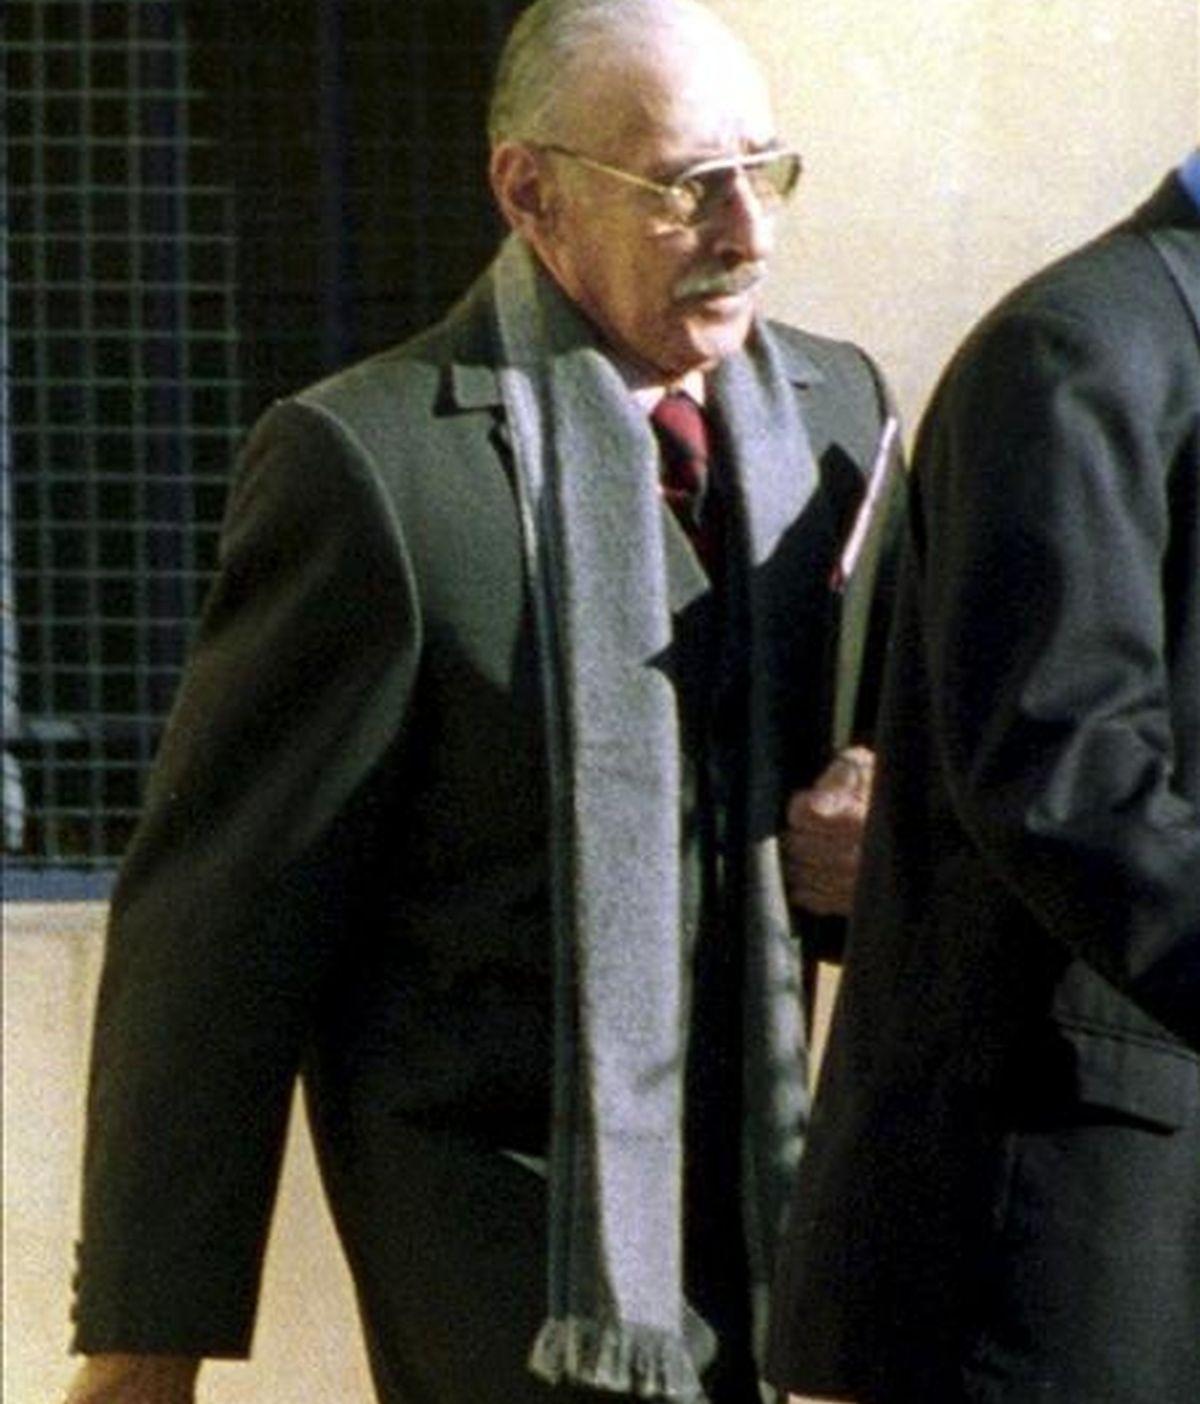 El ex gobernante argentino Jorge Rafael Videla en los Tribunales Federales de Buenos Aires, en agosto del 2003. EFE/Archivo